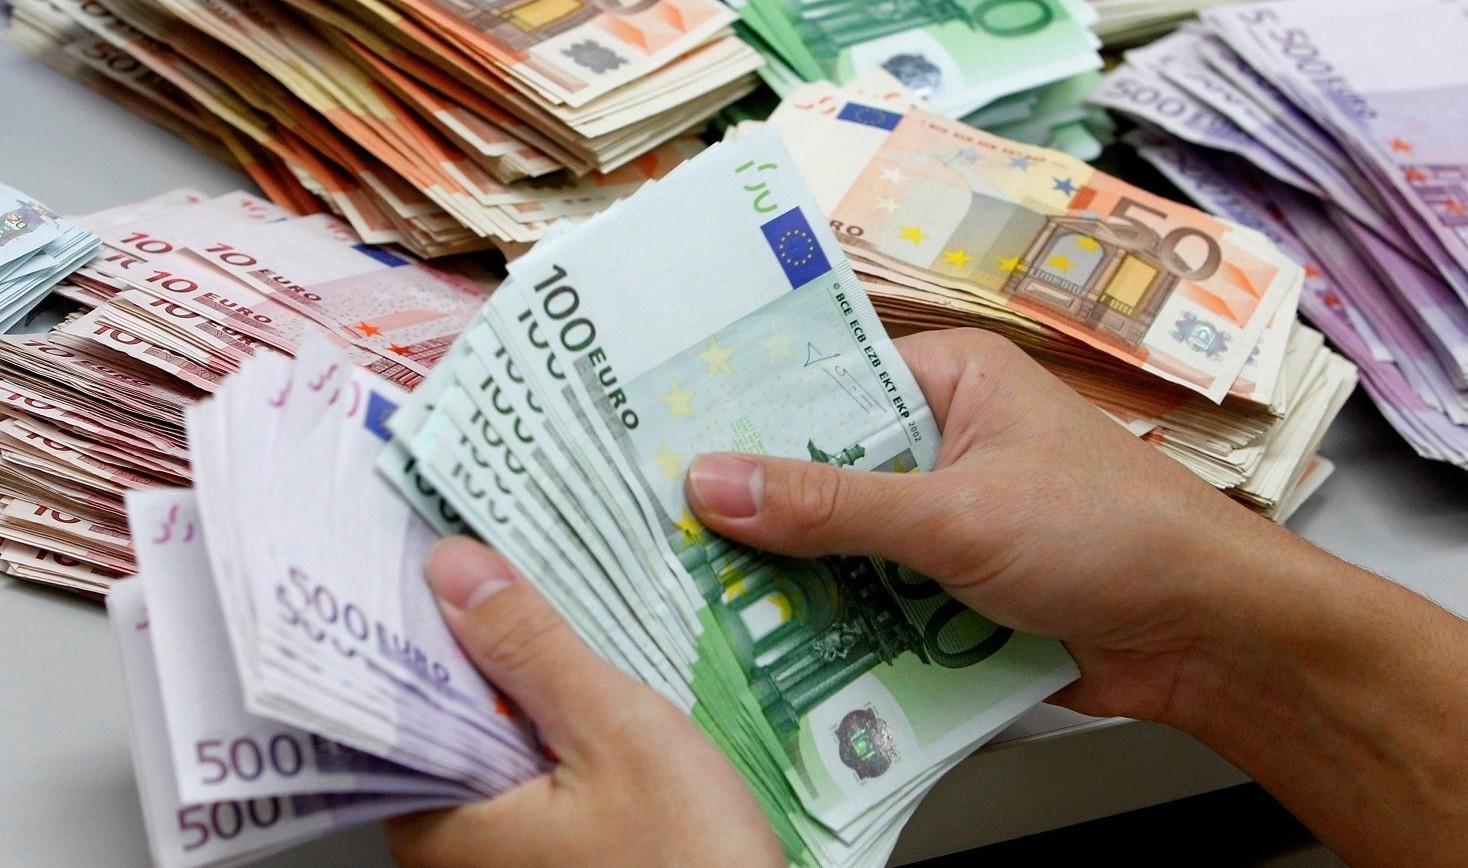 Contratto cooperativa sociale 2019 stipendi lordi e netti livelli. Calcolo ed esempi